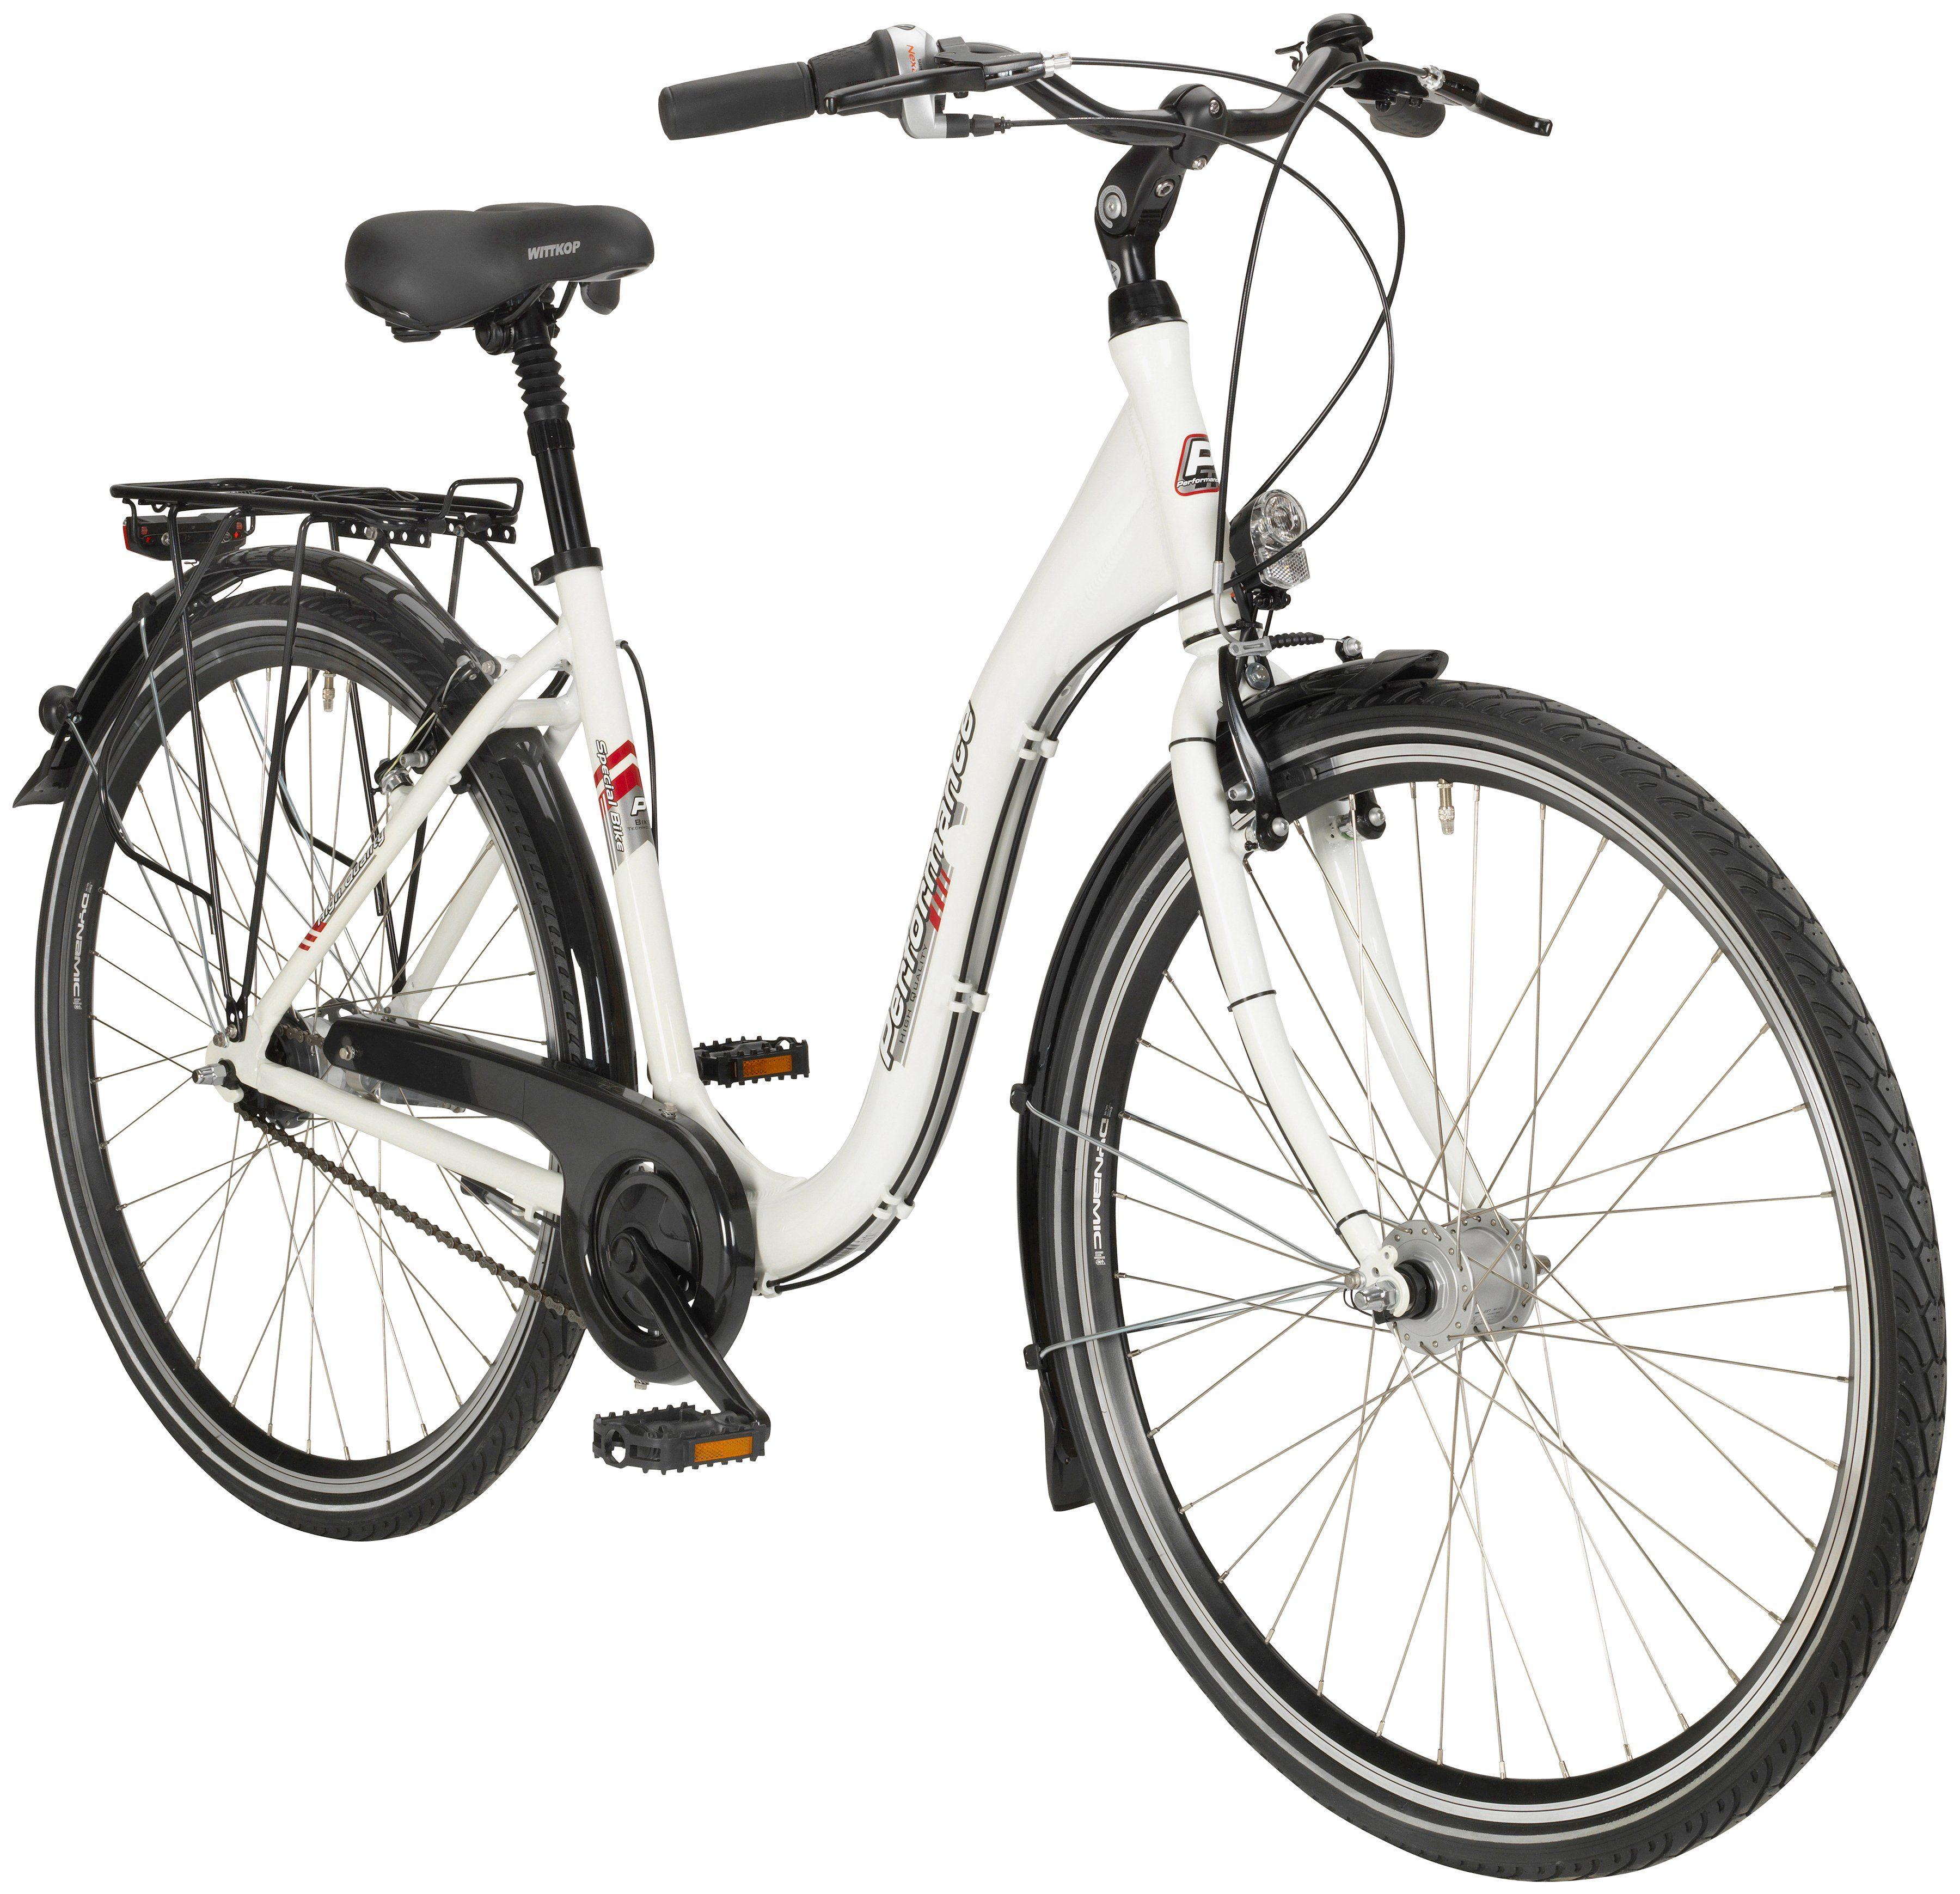 PERFORMANCE Citybike Damen »Odense«, 28 Zoll, 7 Gang, Rücktrittbremse